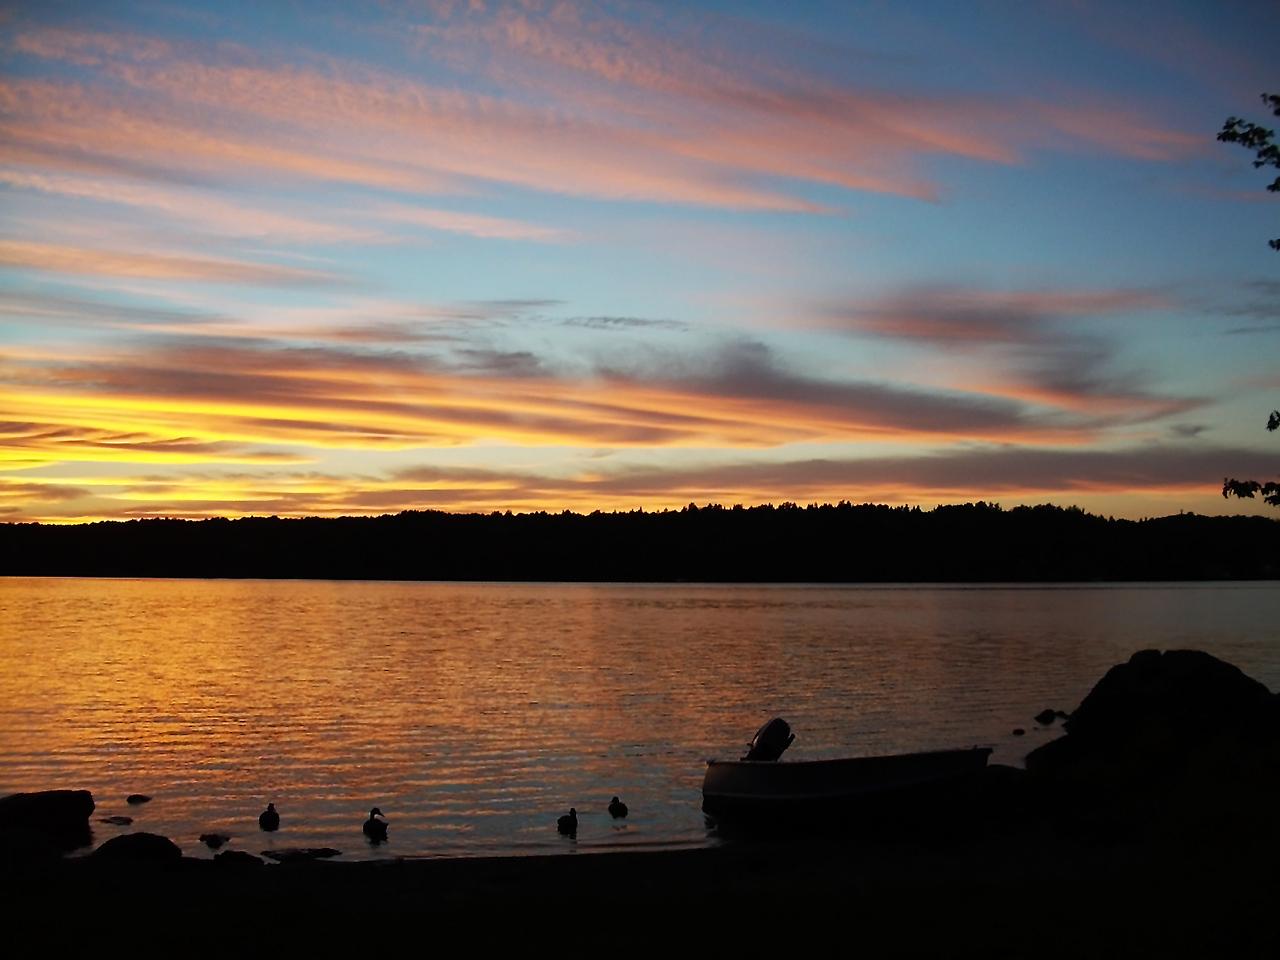 Sunset on Lake Michigamme in Michigan's Upper Peninsula